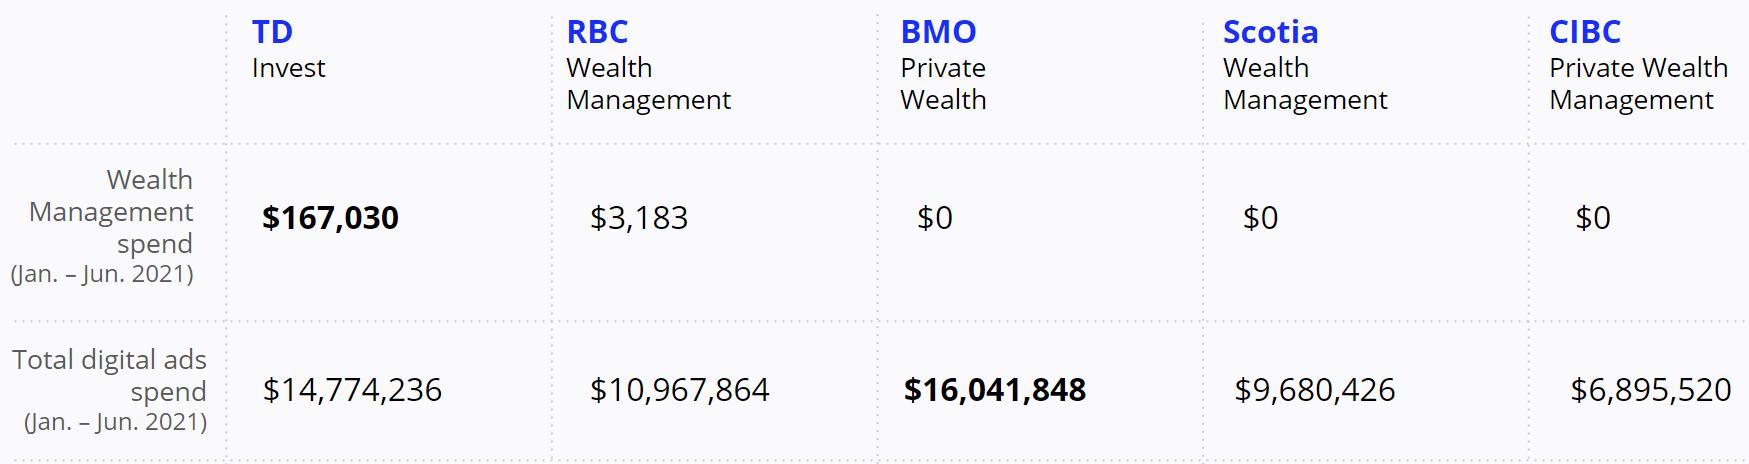 TD Bank - RBC - Wealth Management Domains